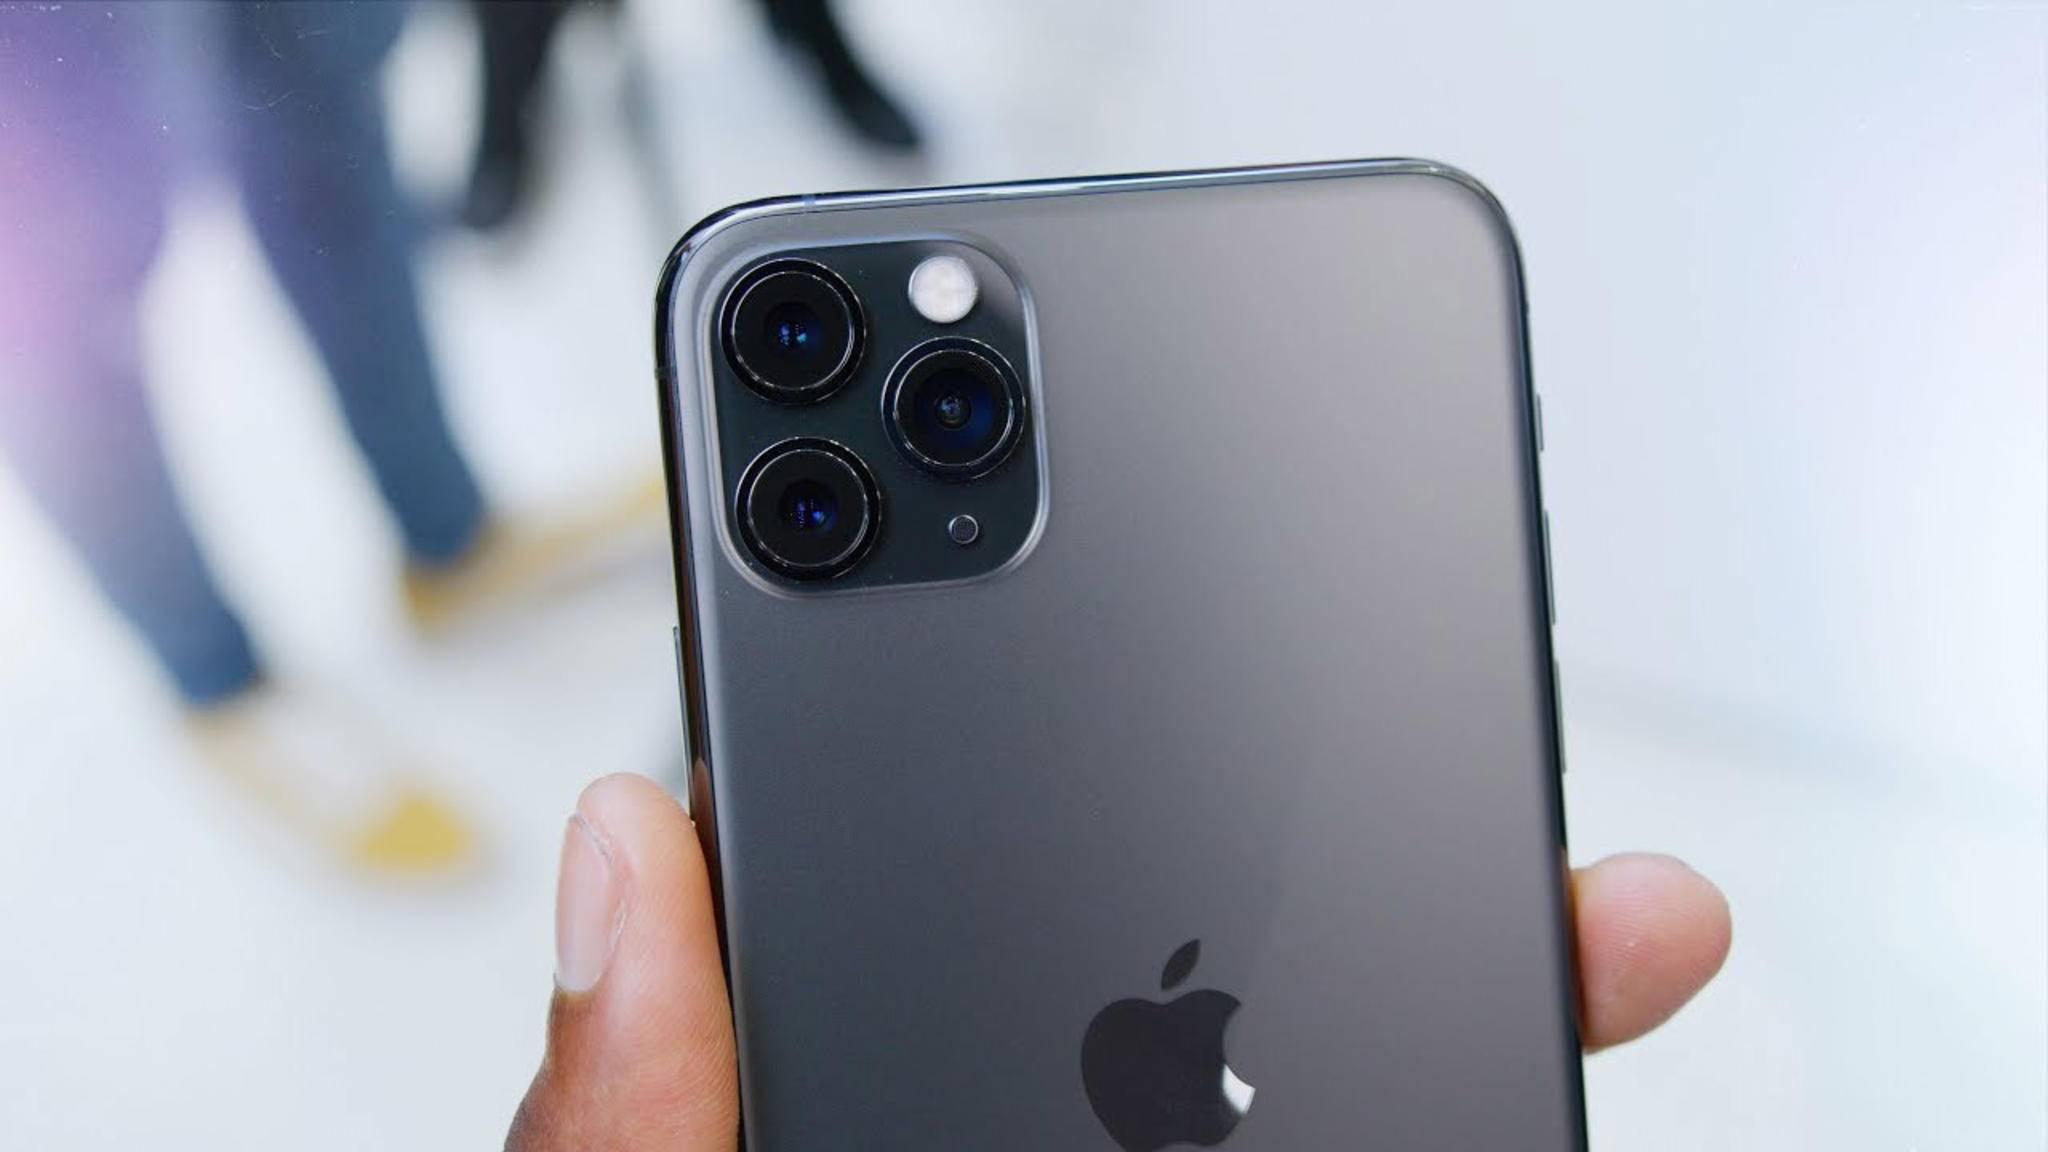 Das iPhone 11 Pro ist da! Doch sollten iPhone-XS-Besitzer umsteigen?